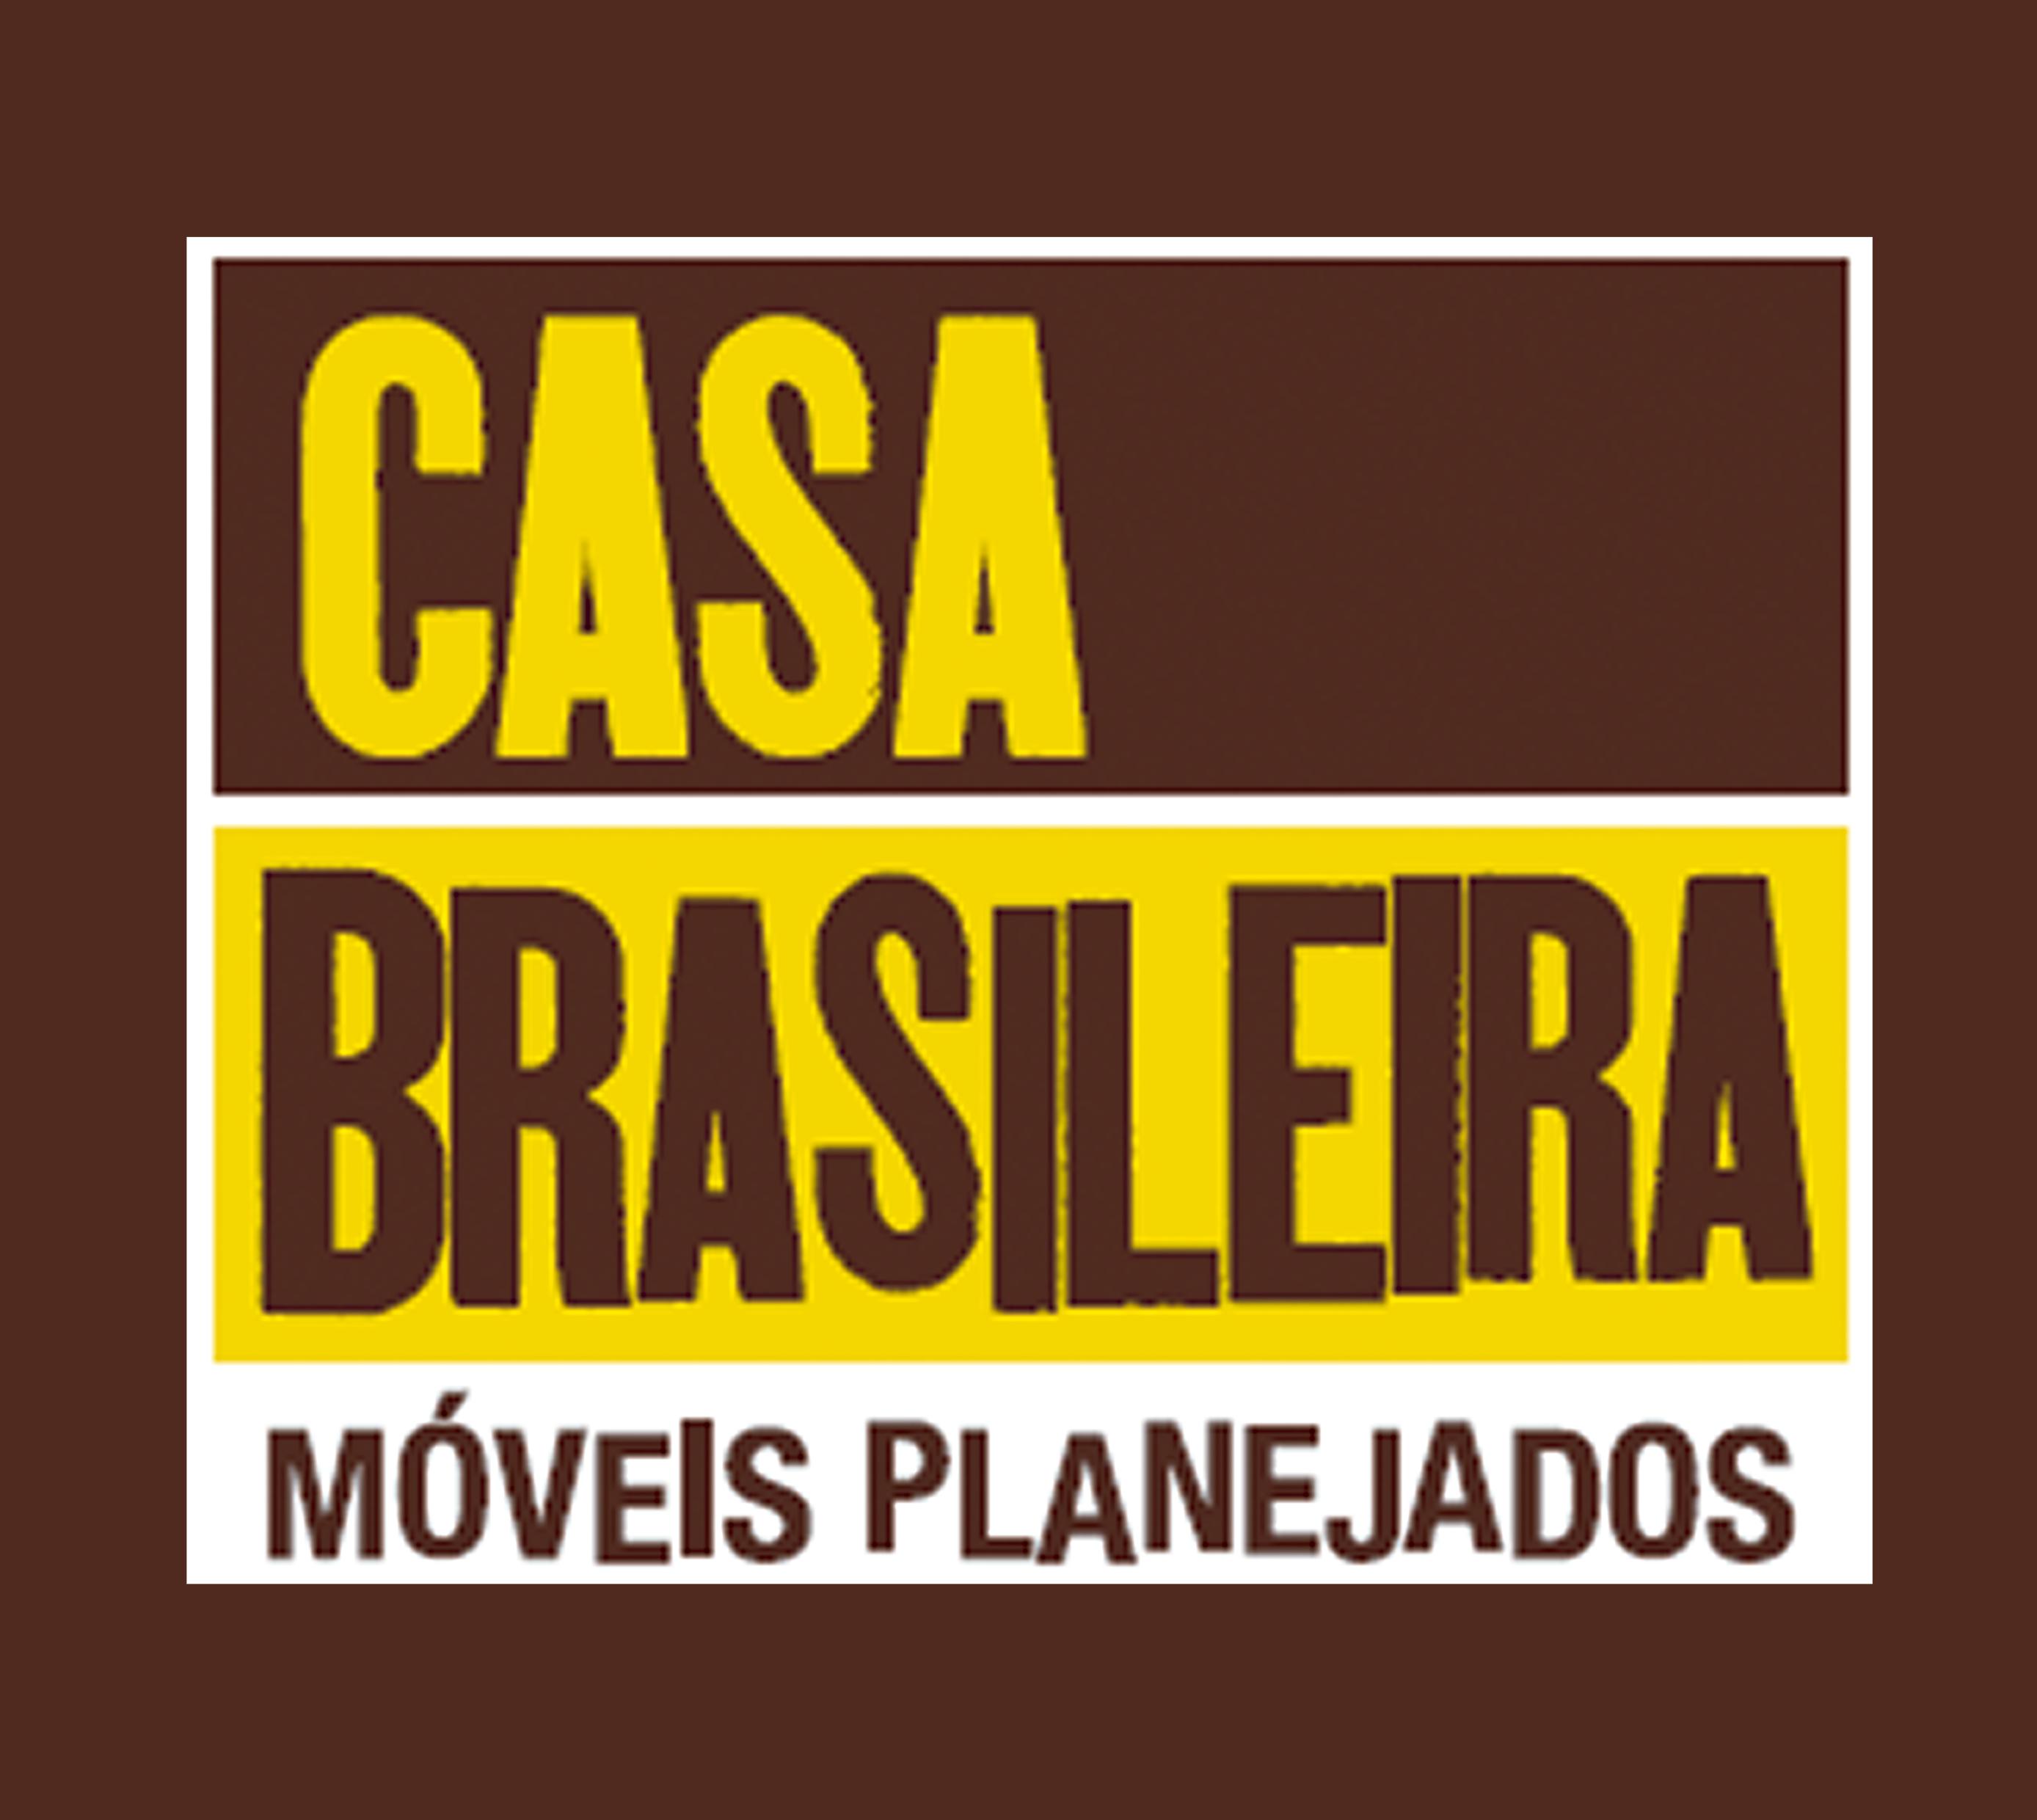 Casa Brasileira Planejados Bertioga  em Guarujá